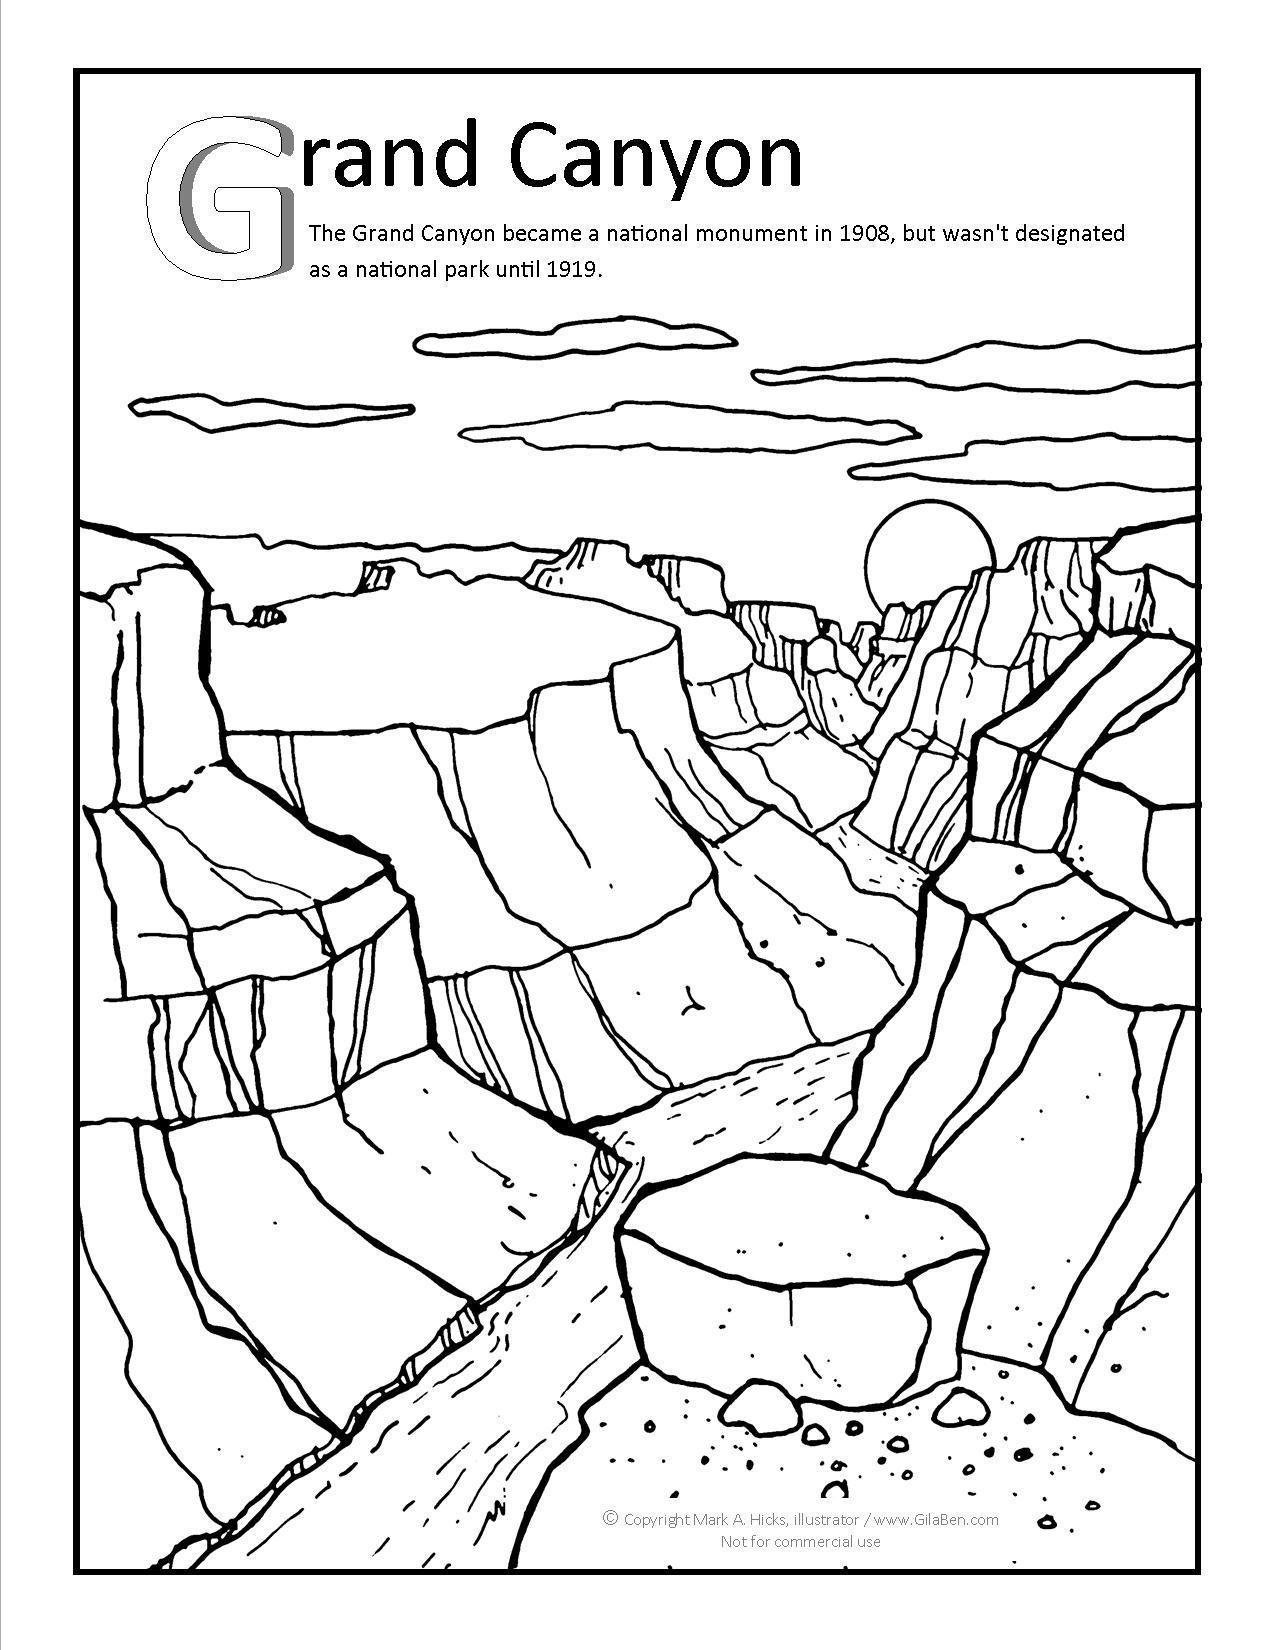 Grand Canyon Coloring Page At Gilabencom | Arizona Coloring